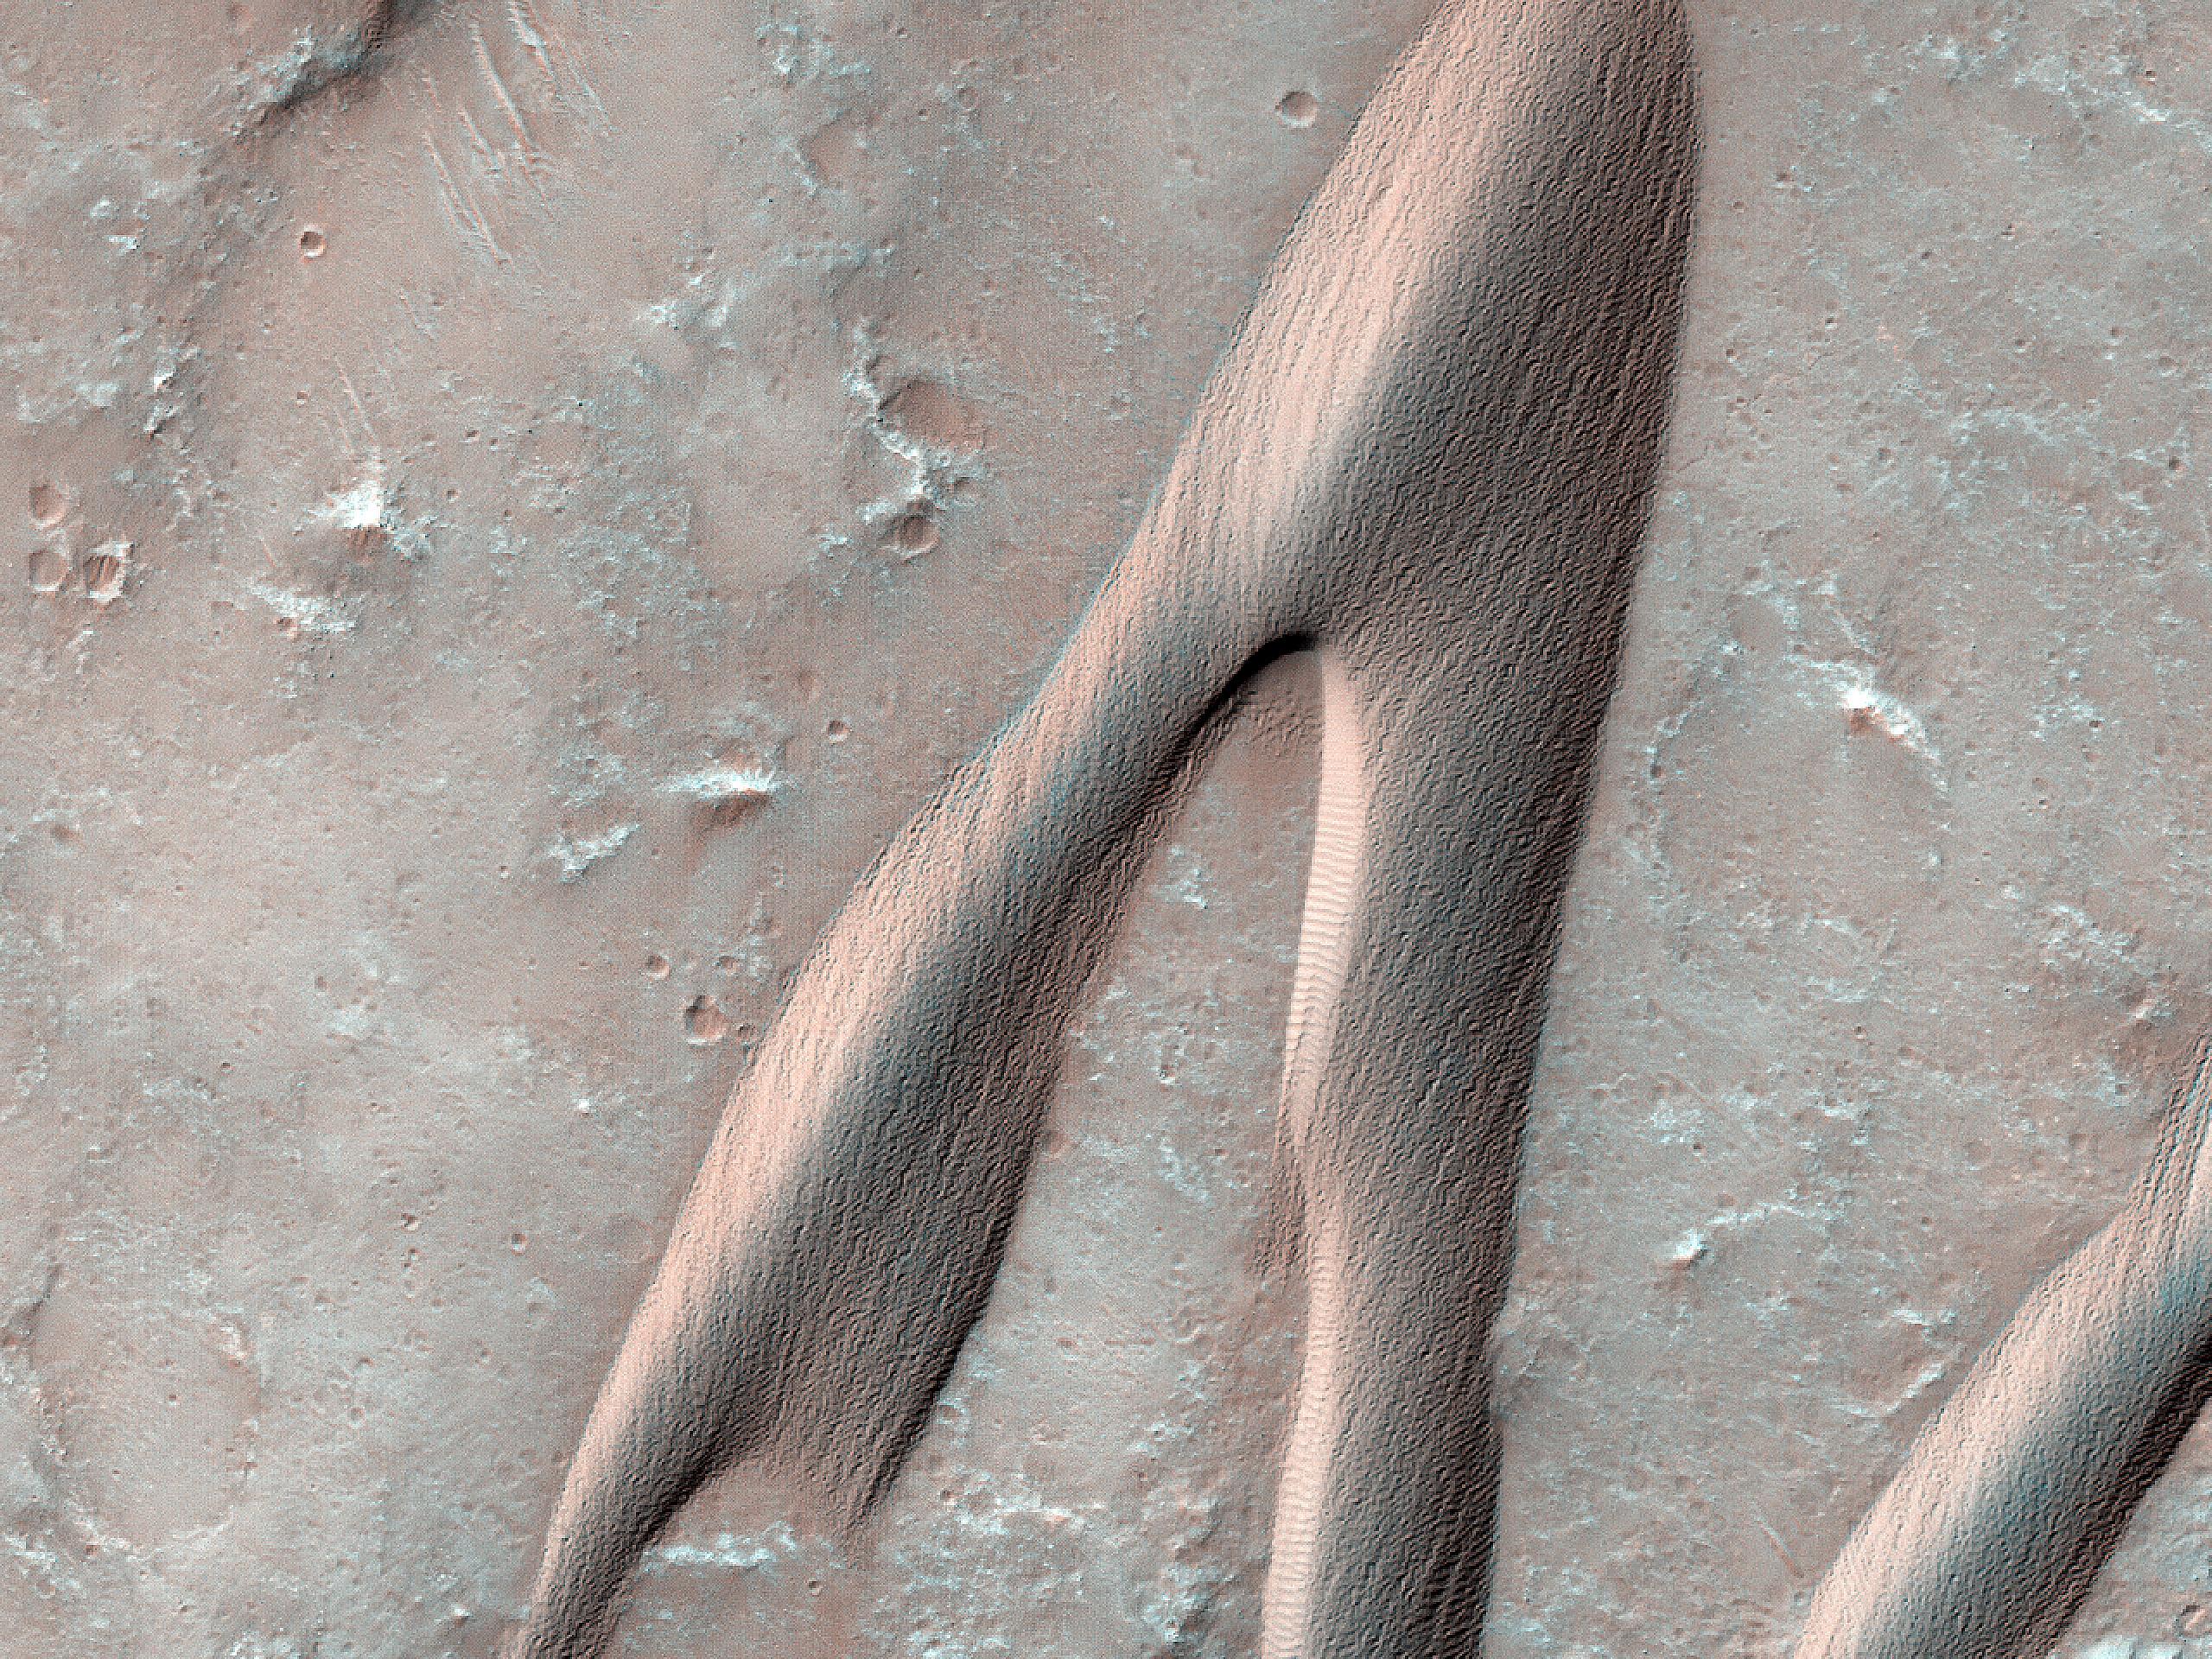 Barcane nel cratere Herschel